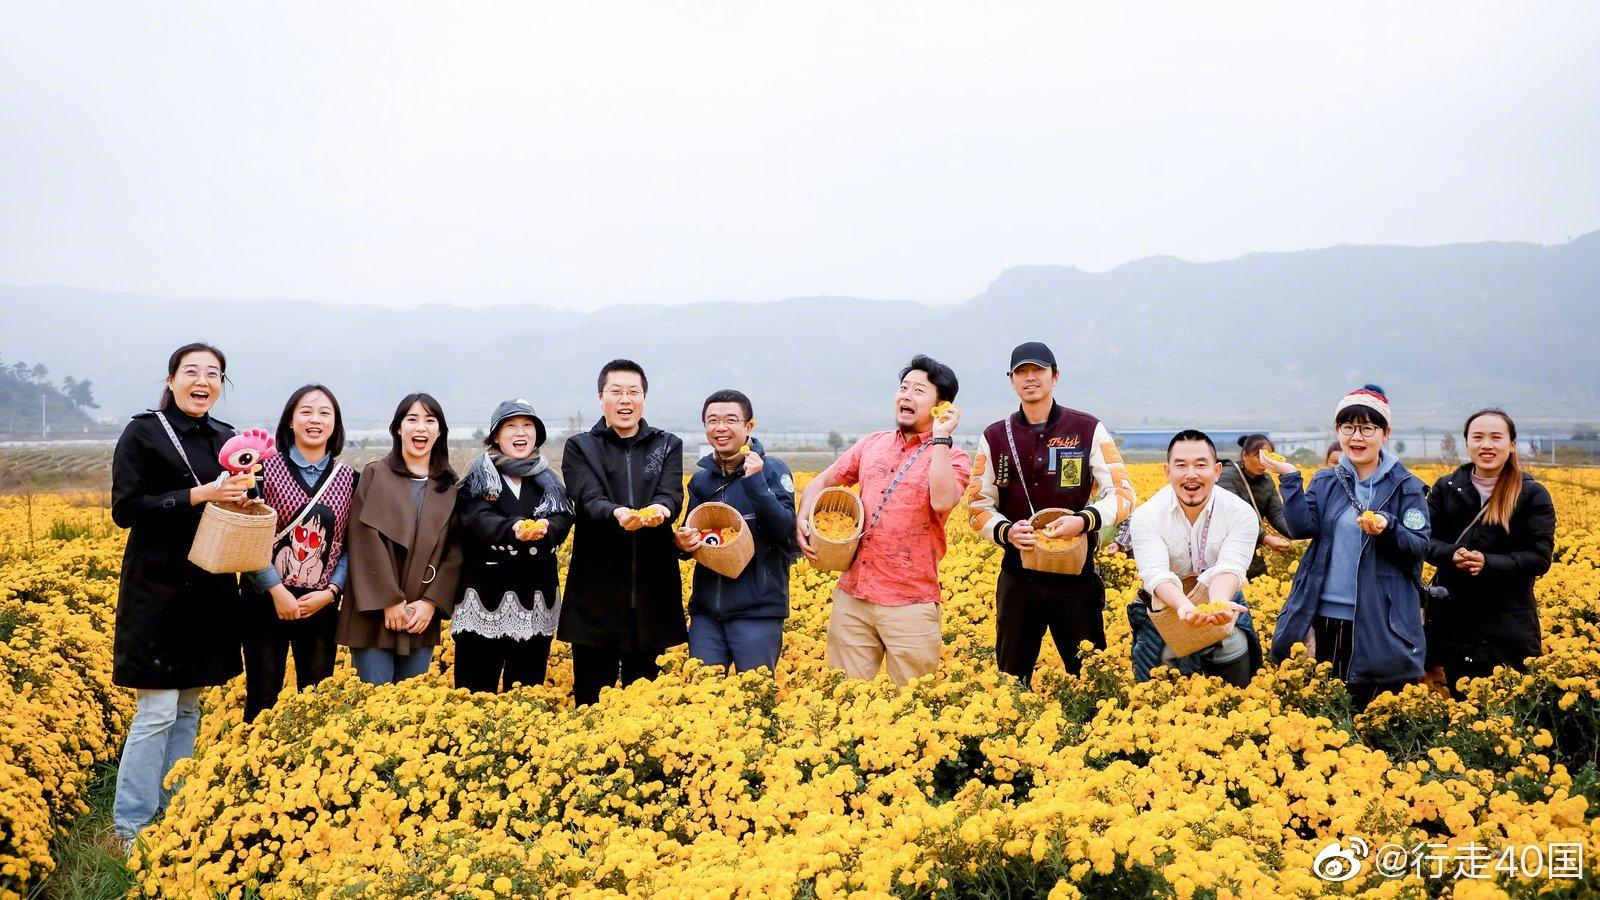 昨天从黔西北的毕节,来到黔南的都匀,今天黔南第一站到了云雾镇